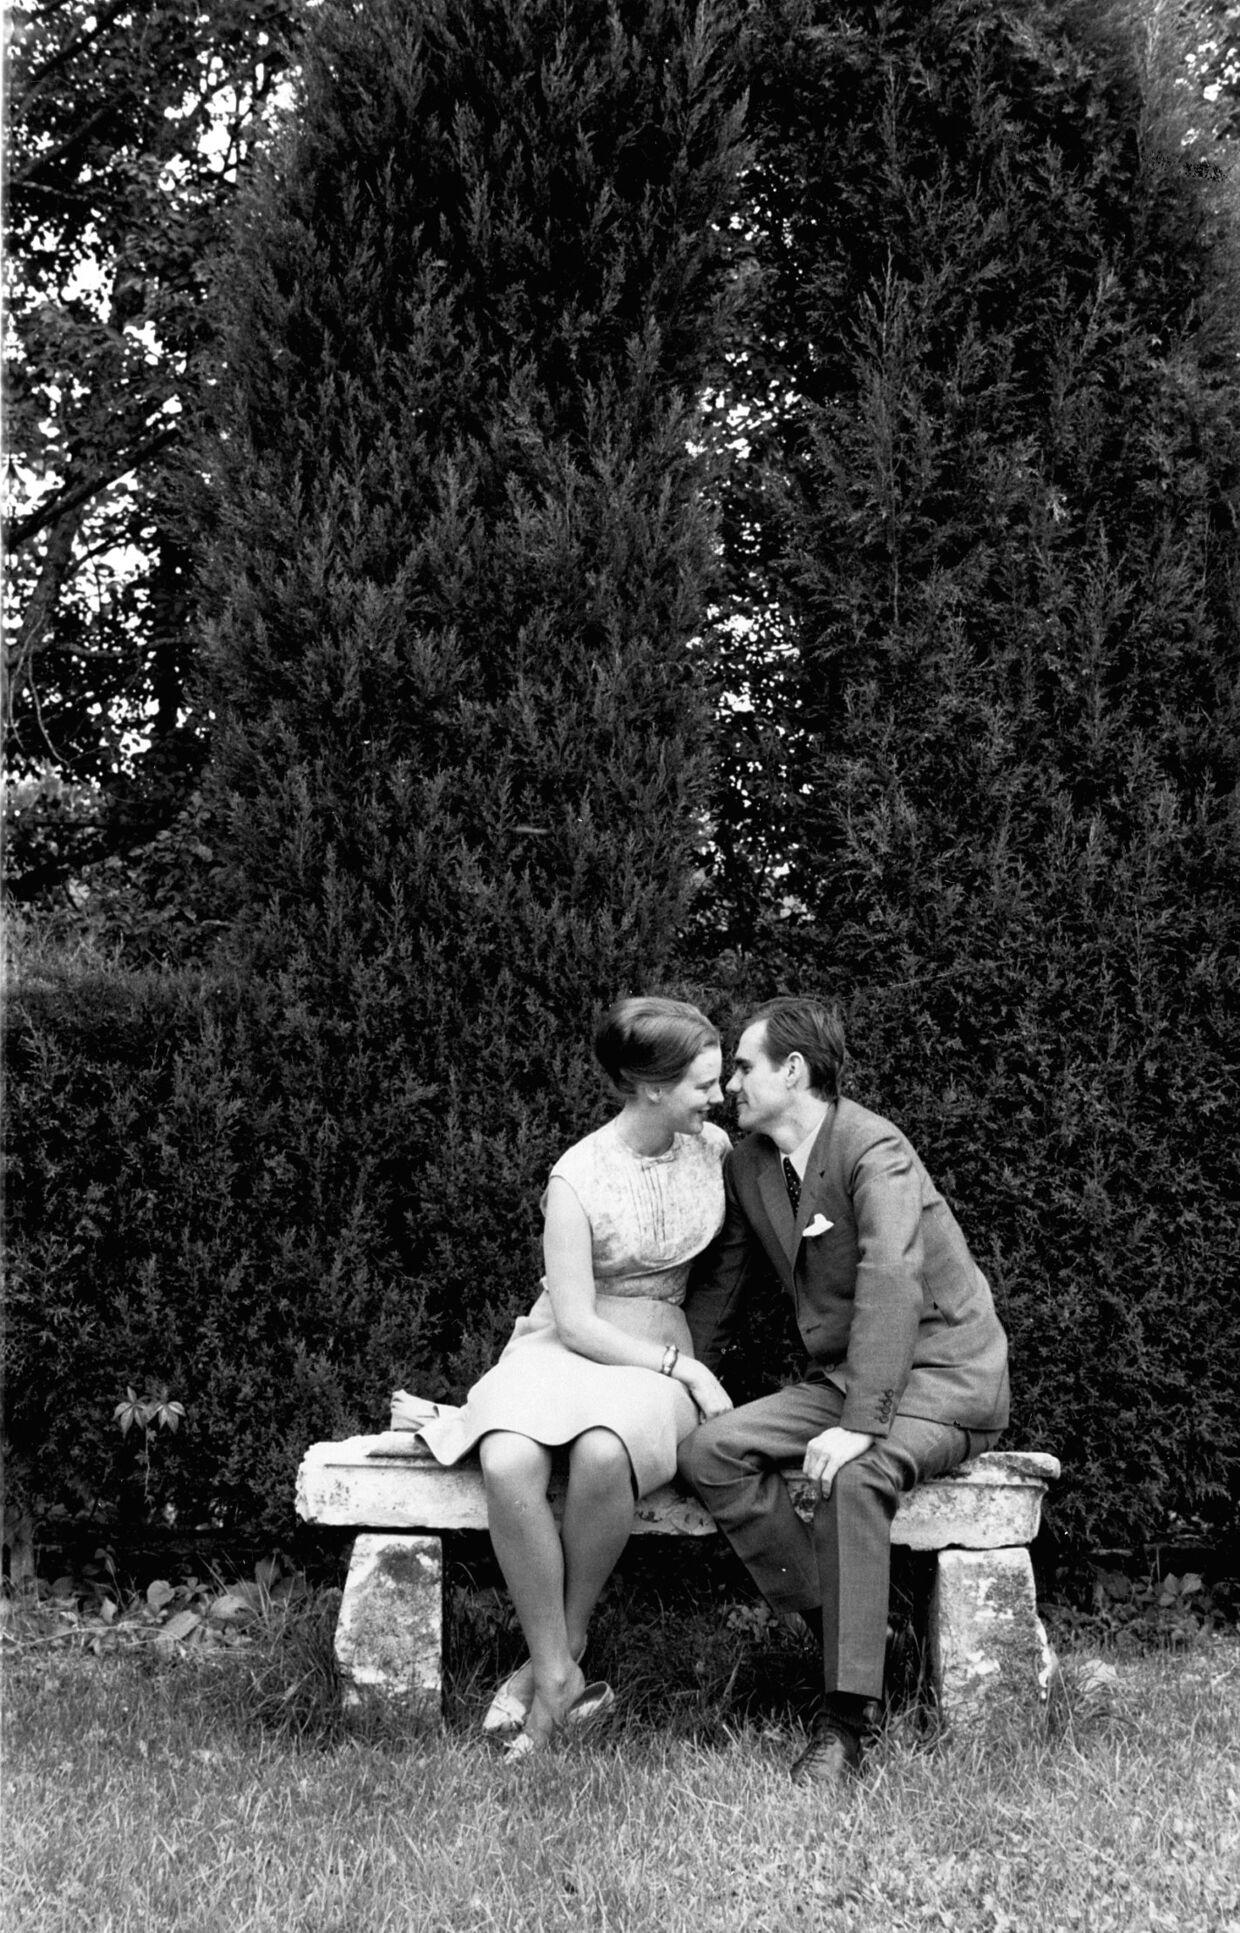 Tronfølger Prinsesse Margrethe er nu forlovet med Prins Henrik. Her ses de i lykkeligt samvær i Fredensborg Slotspark.